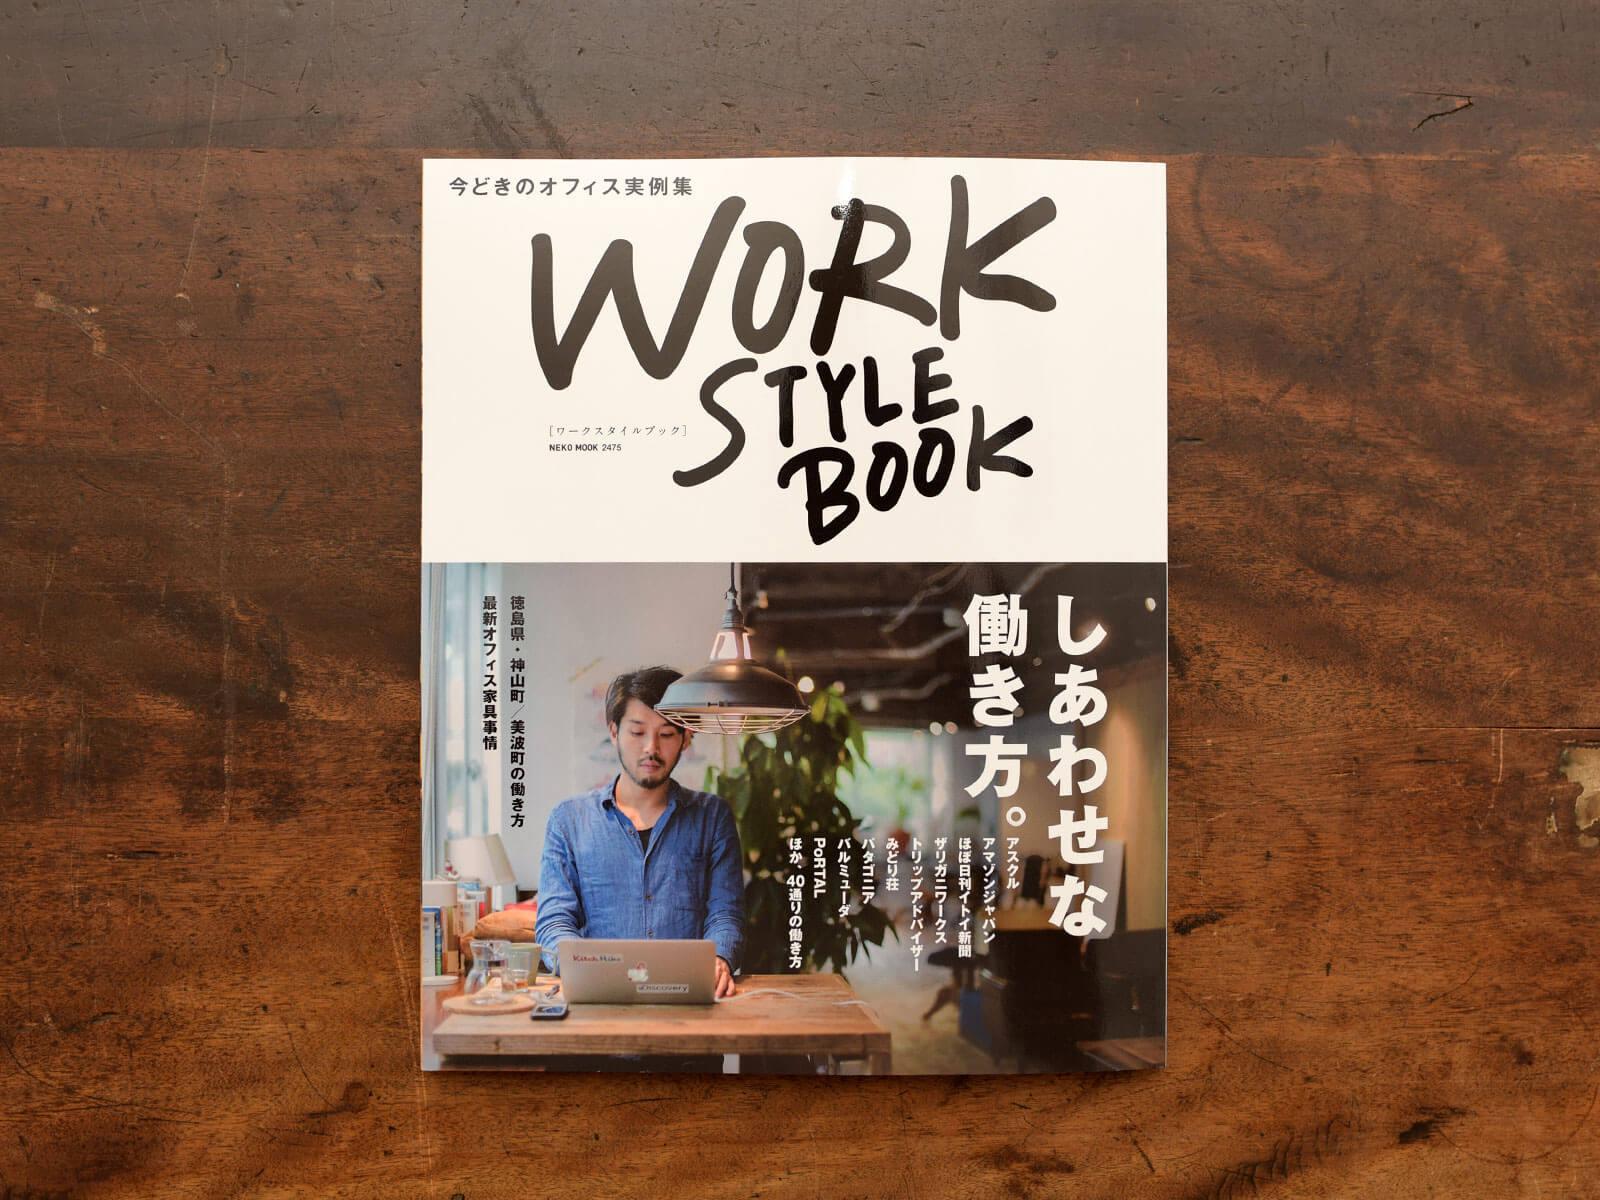 雑誌掲載のお知らせ「WORK STYLE BOOK 今どきのオフィス実例集」